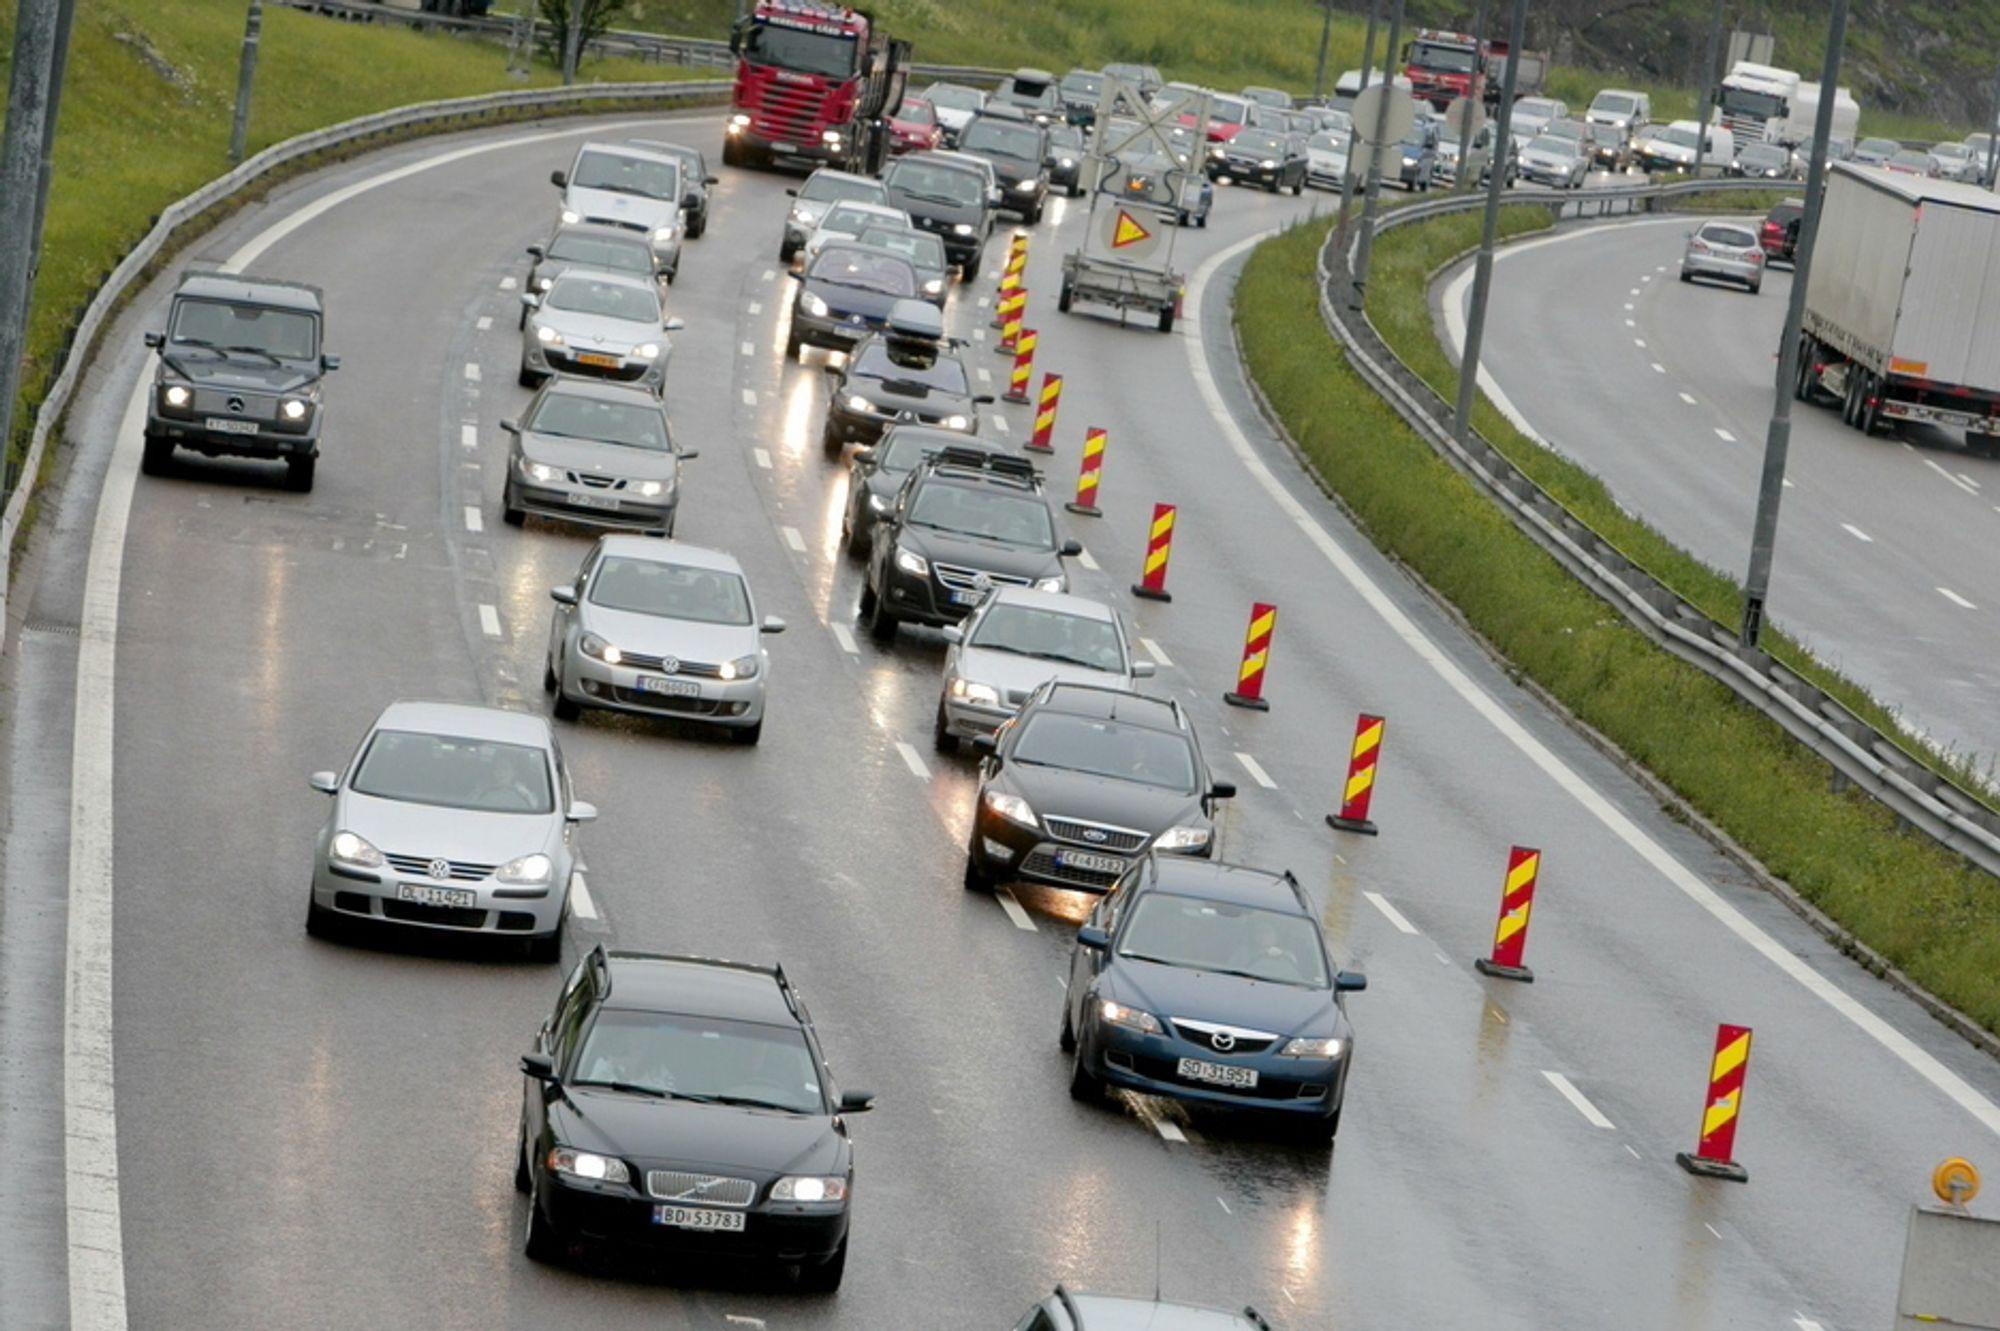 FREMTIDSVYER: I 2030 vii ikke dette kalles kø. Da blir det langt værre på veiene enn i dag.